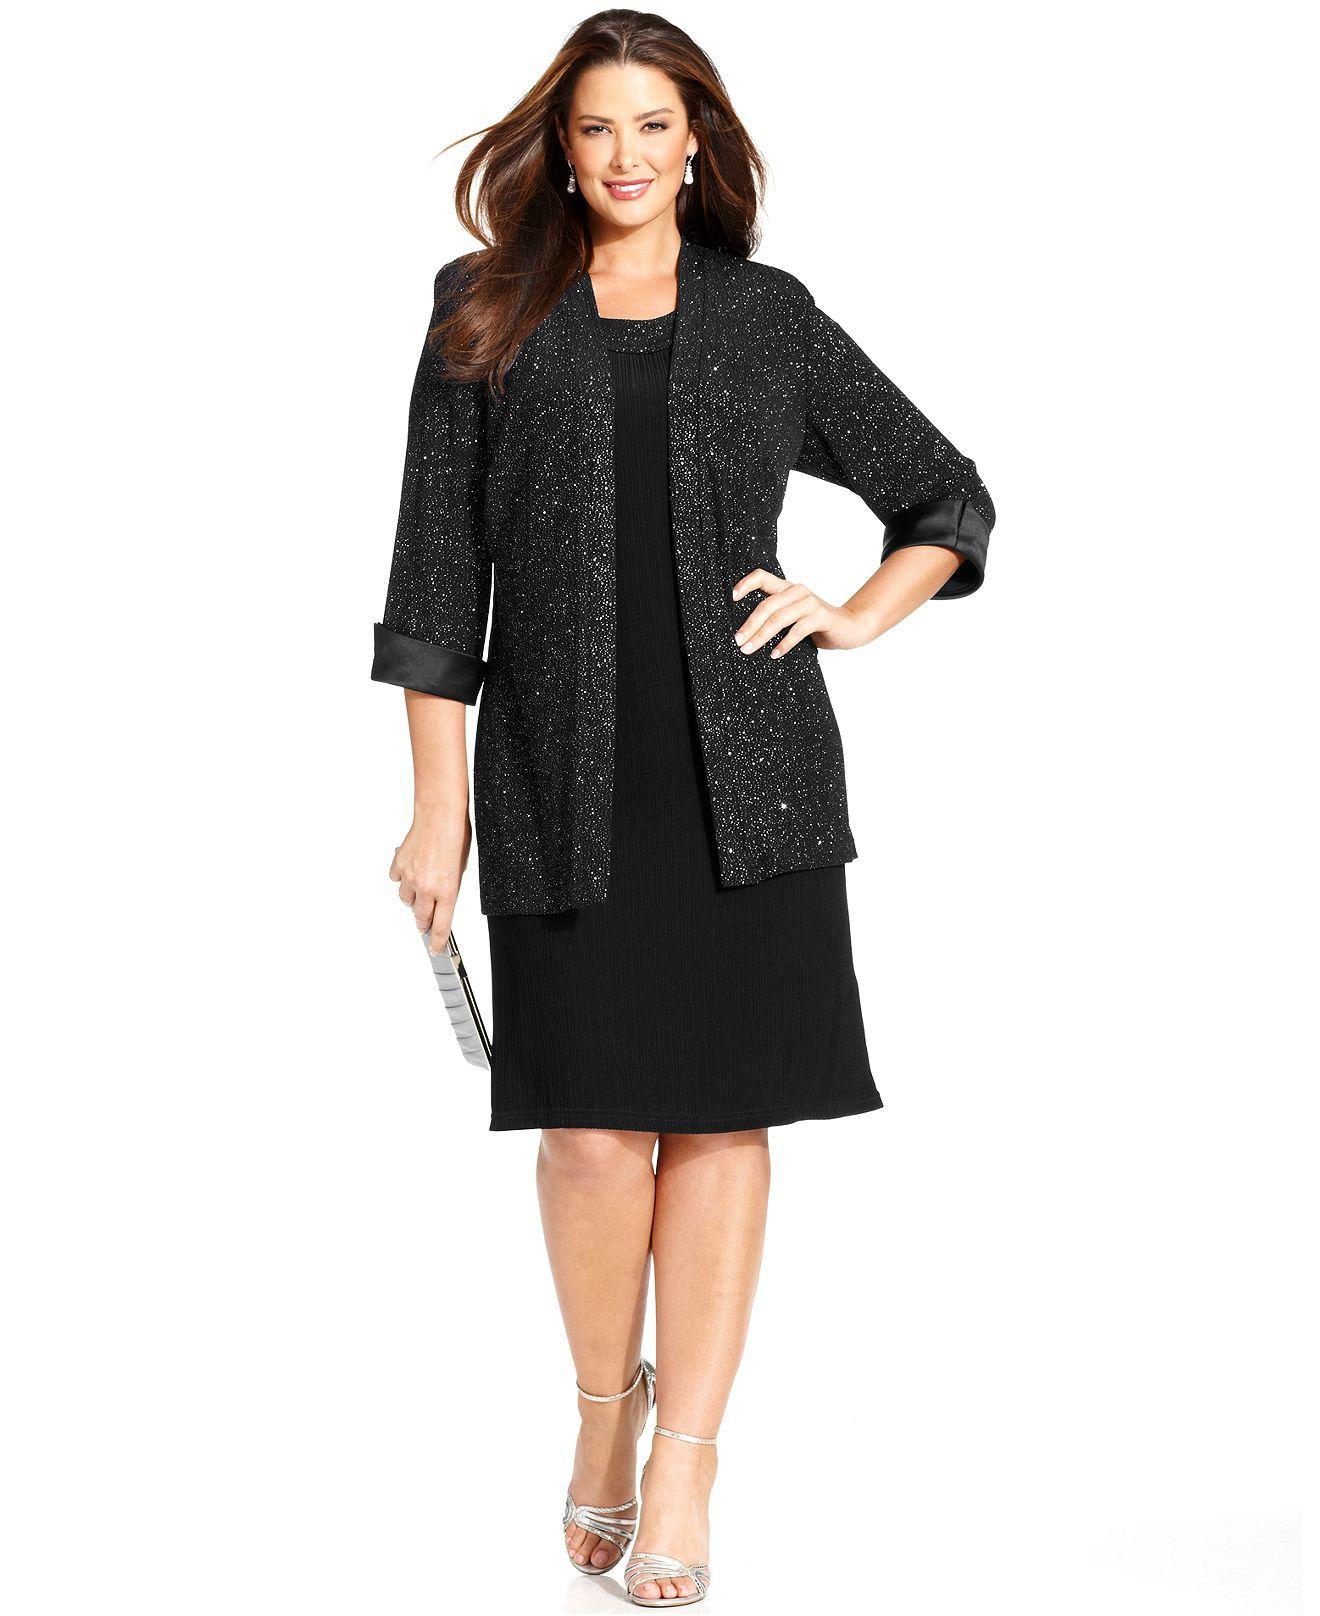 Rm Richards Plus Size Sleeveless Glitter Shift And Jacket Plus